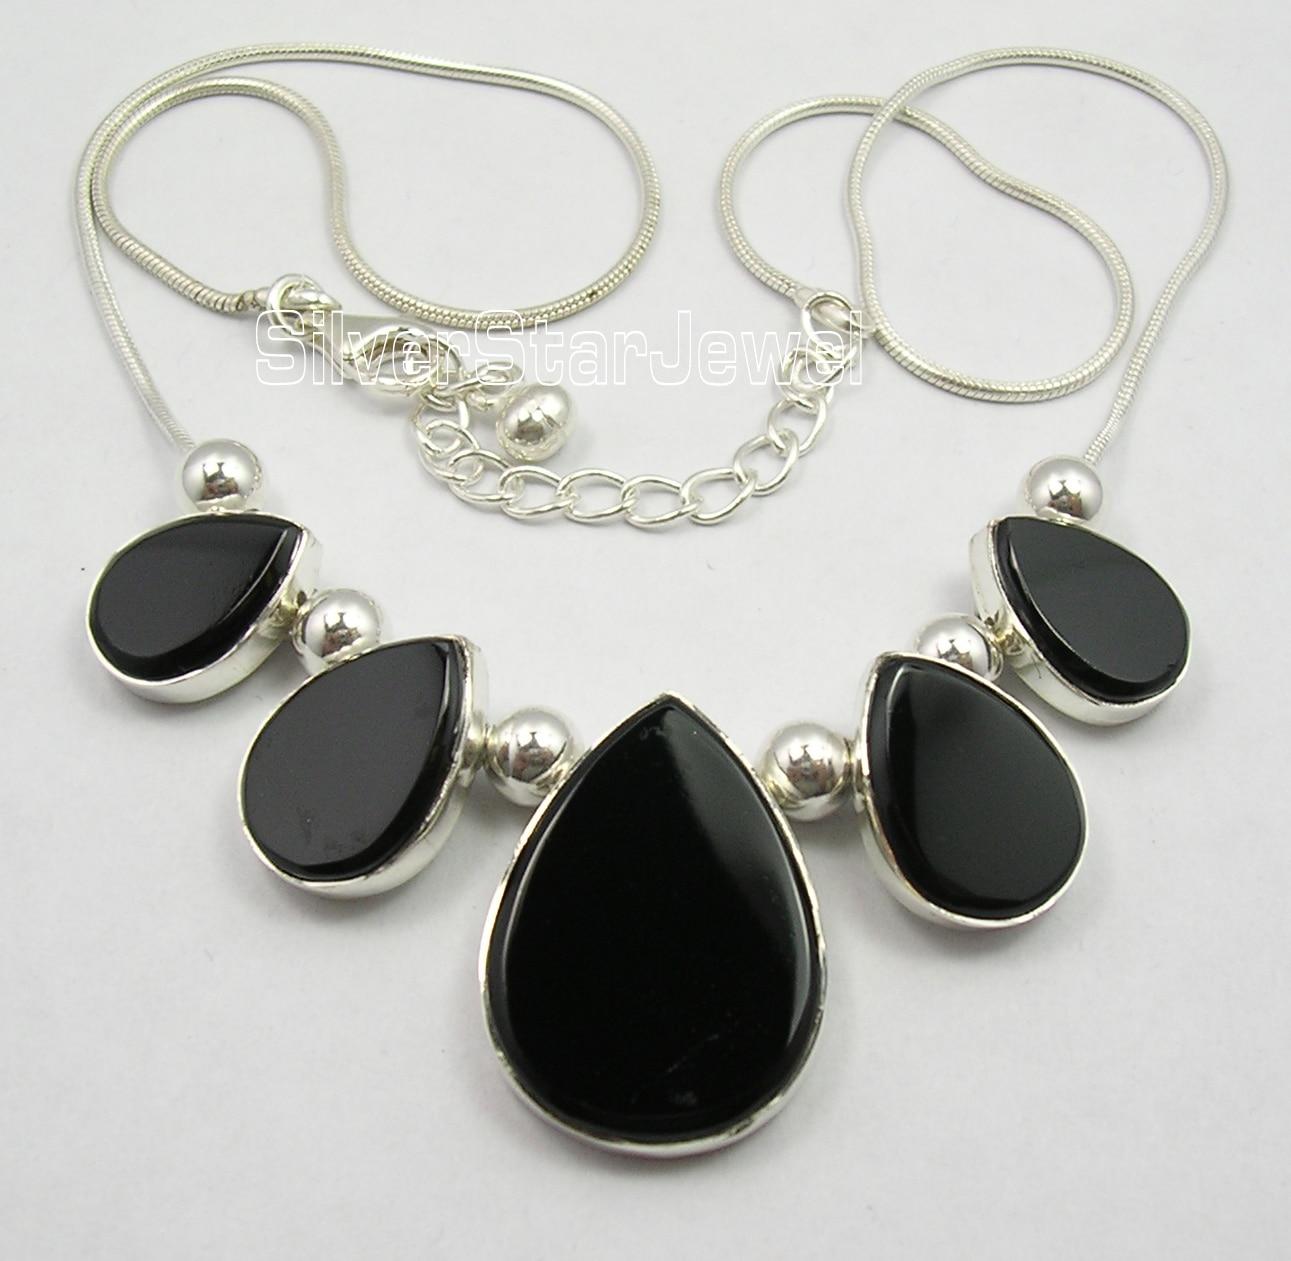 Chanti internacional Collar grande hecho a mano con gemas de ónix negro plano de plata pura de 18,5 pulgadas-in Collares colgantes from Joyería y accesorios    1